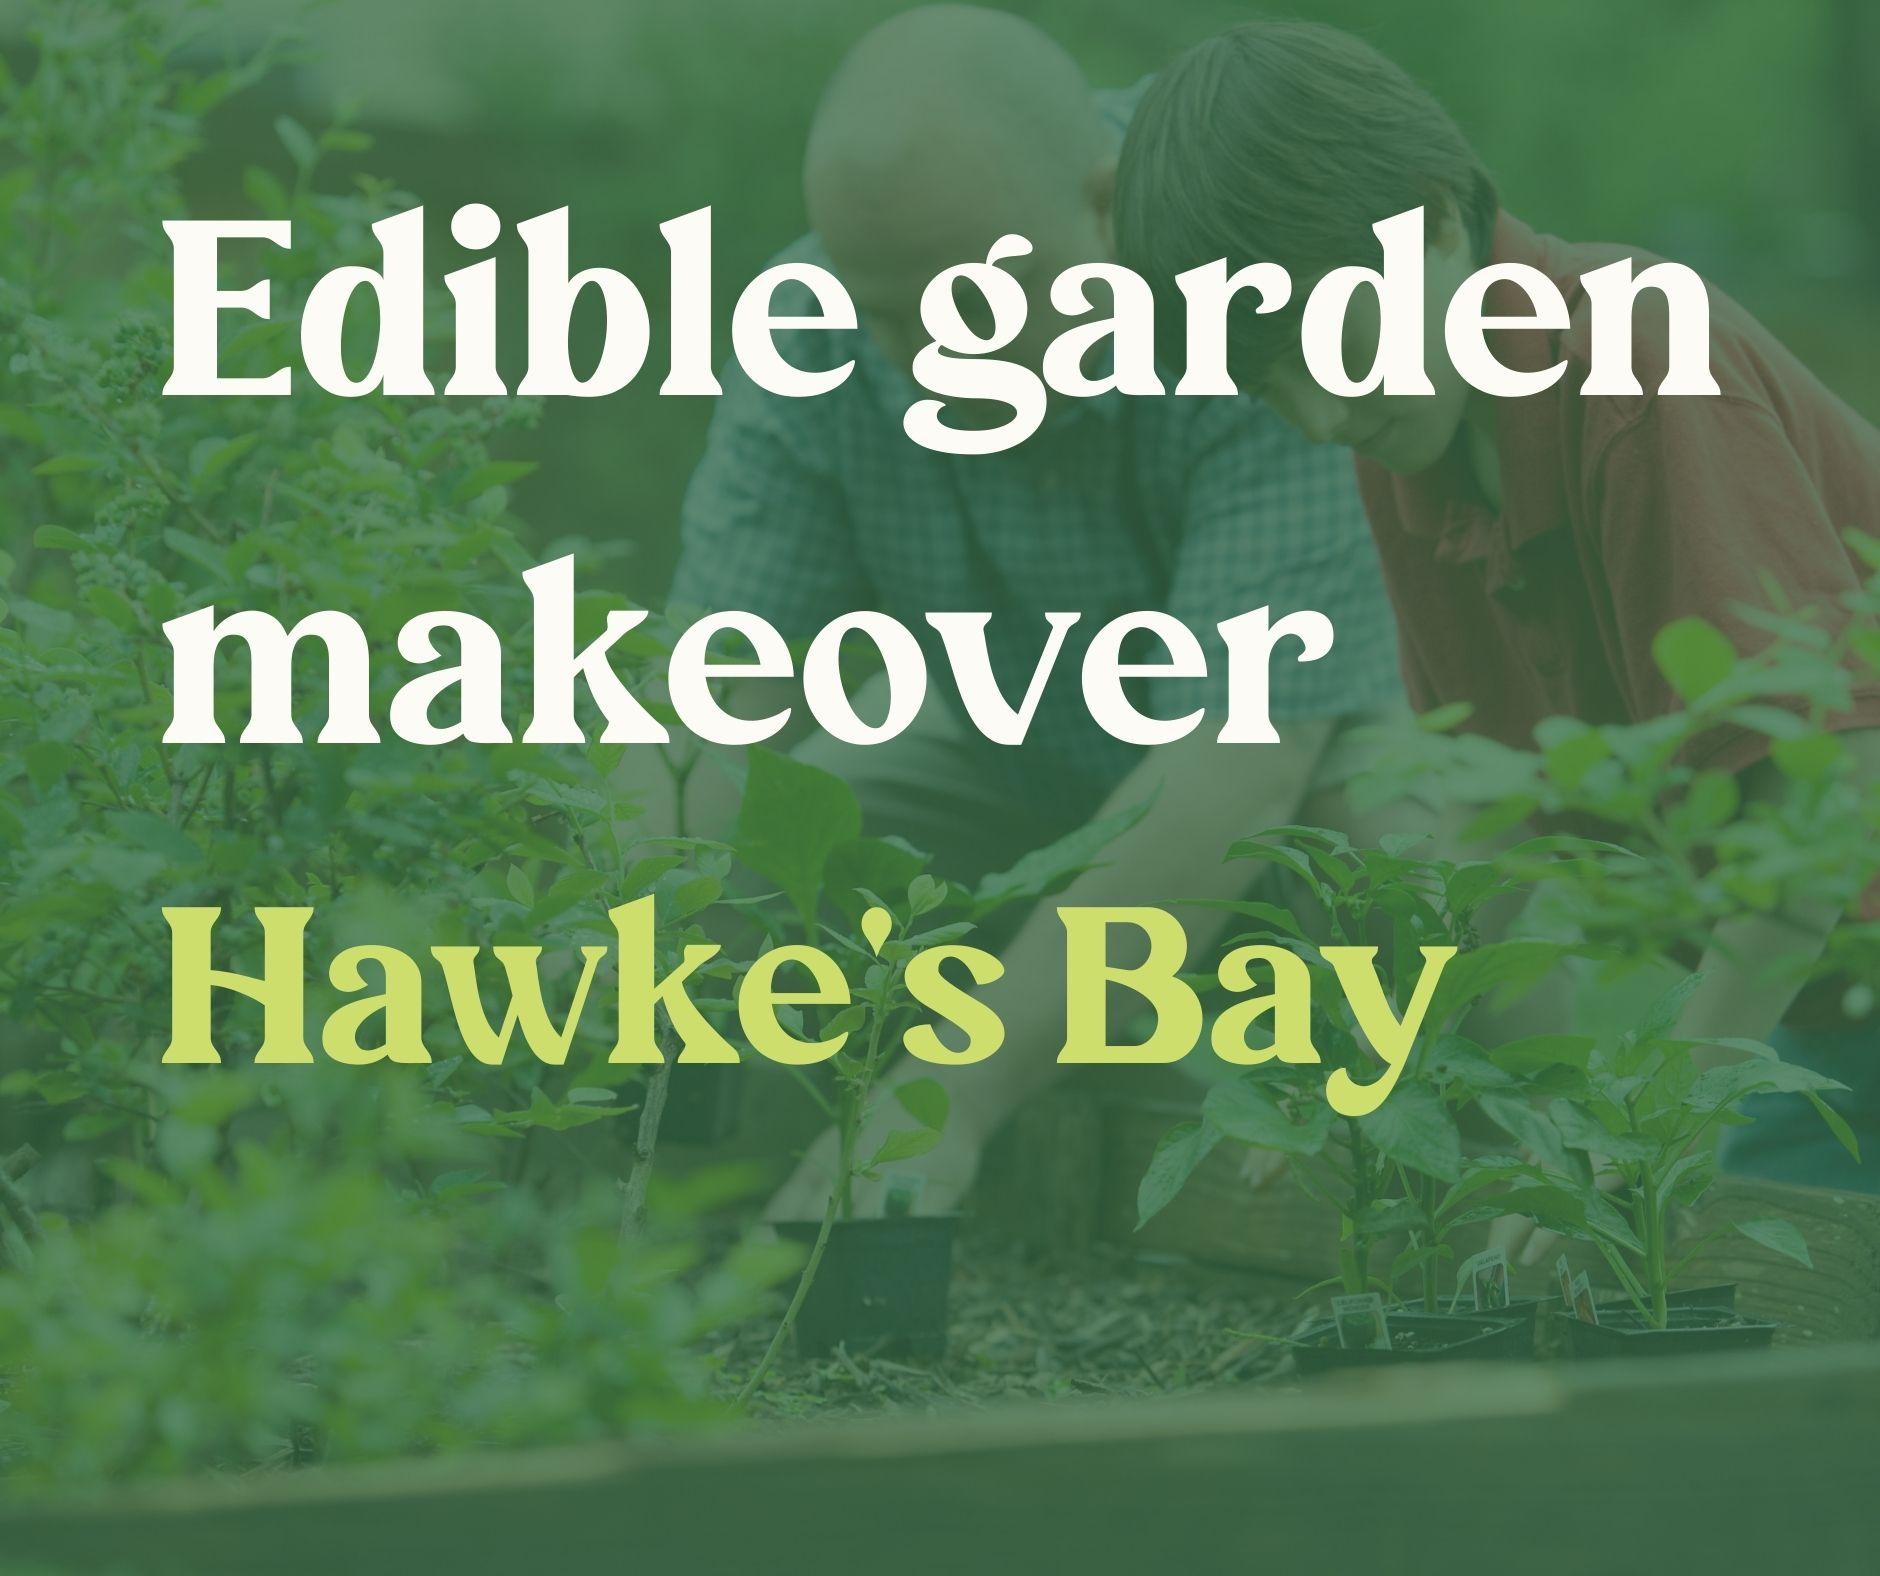 Edible Garden Makeover- Hawke's Bay